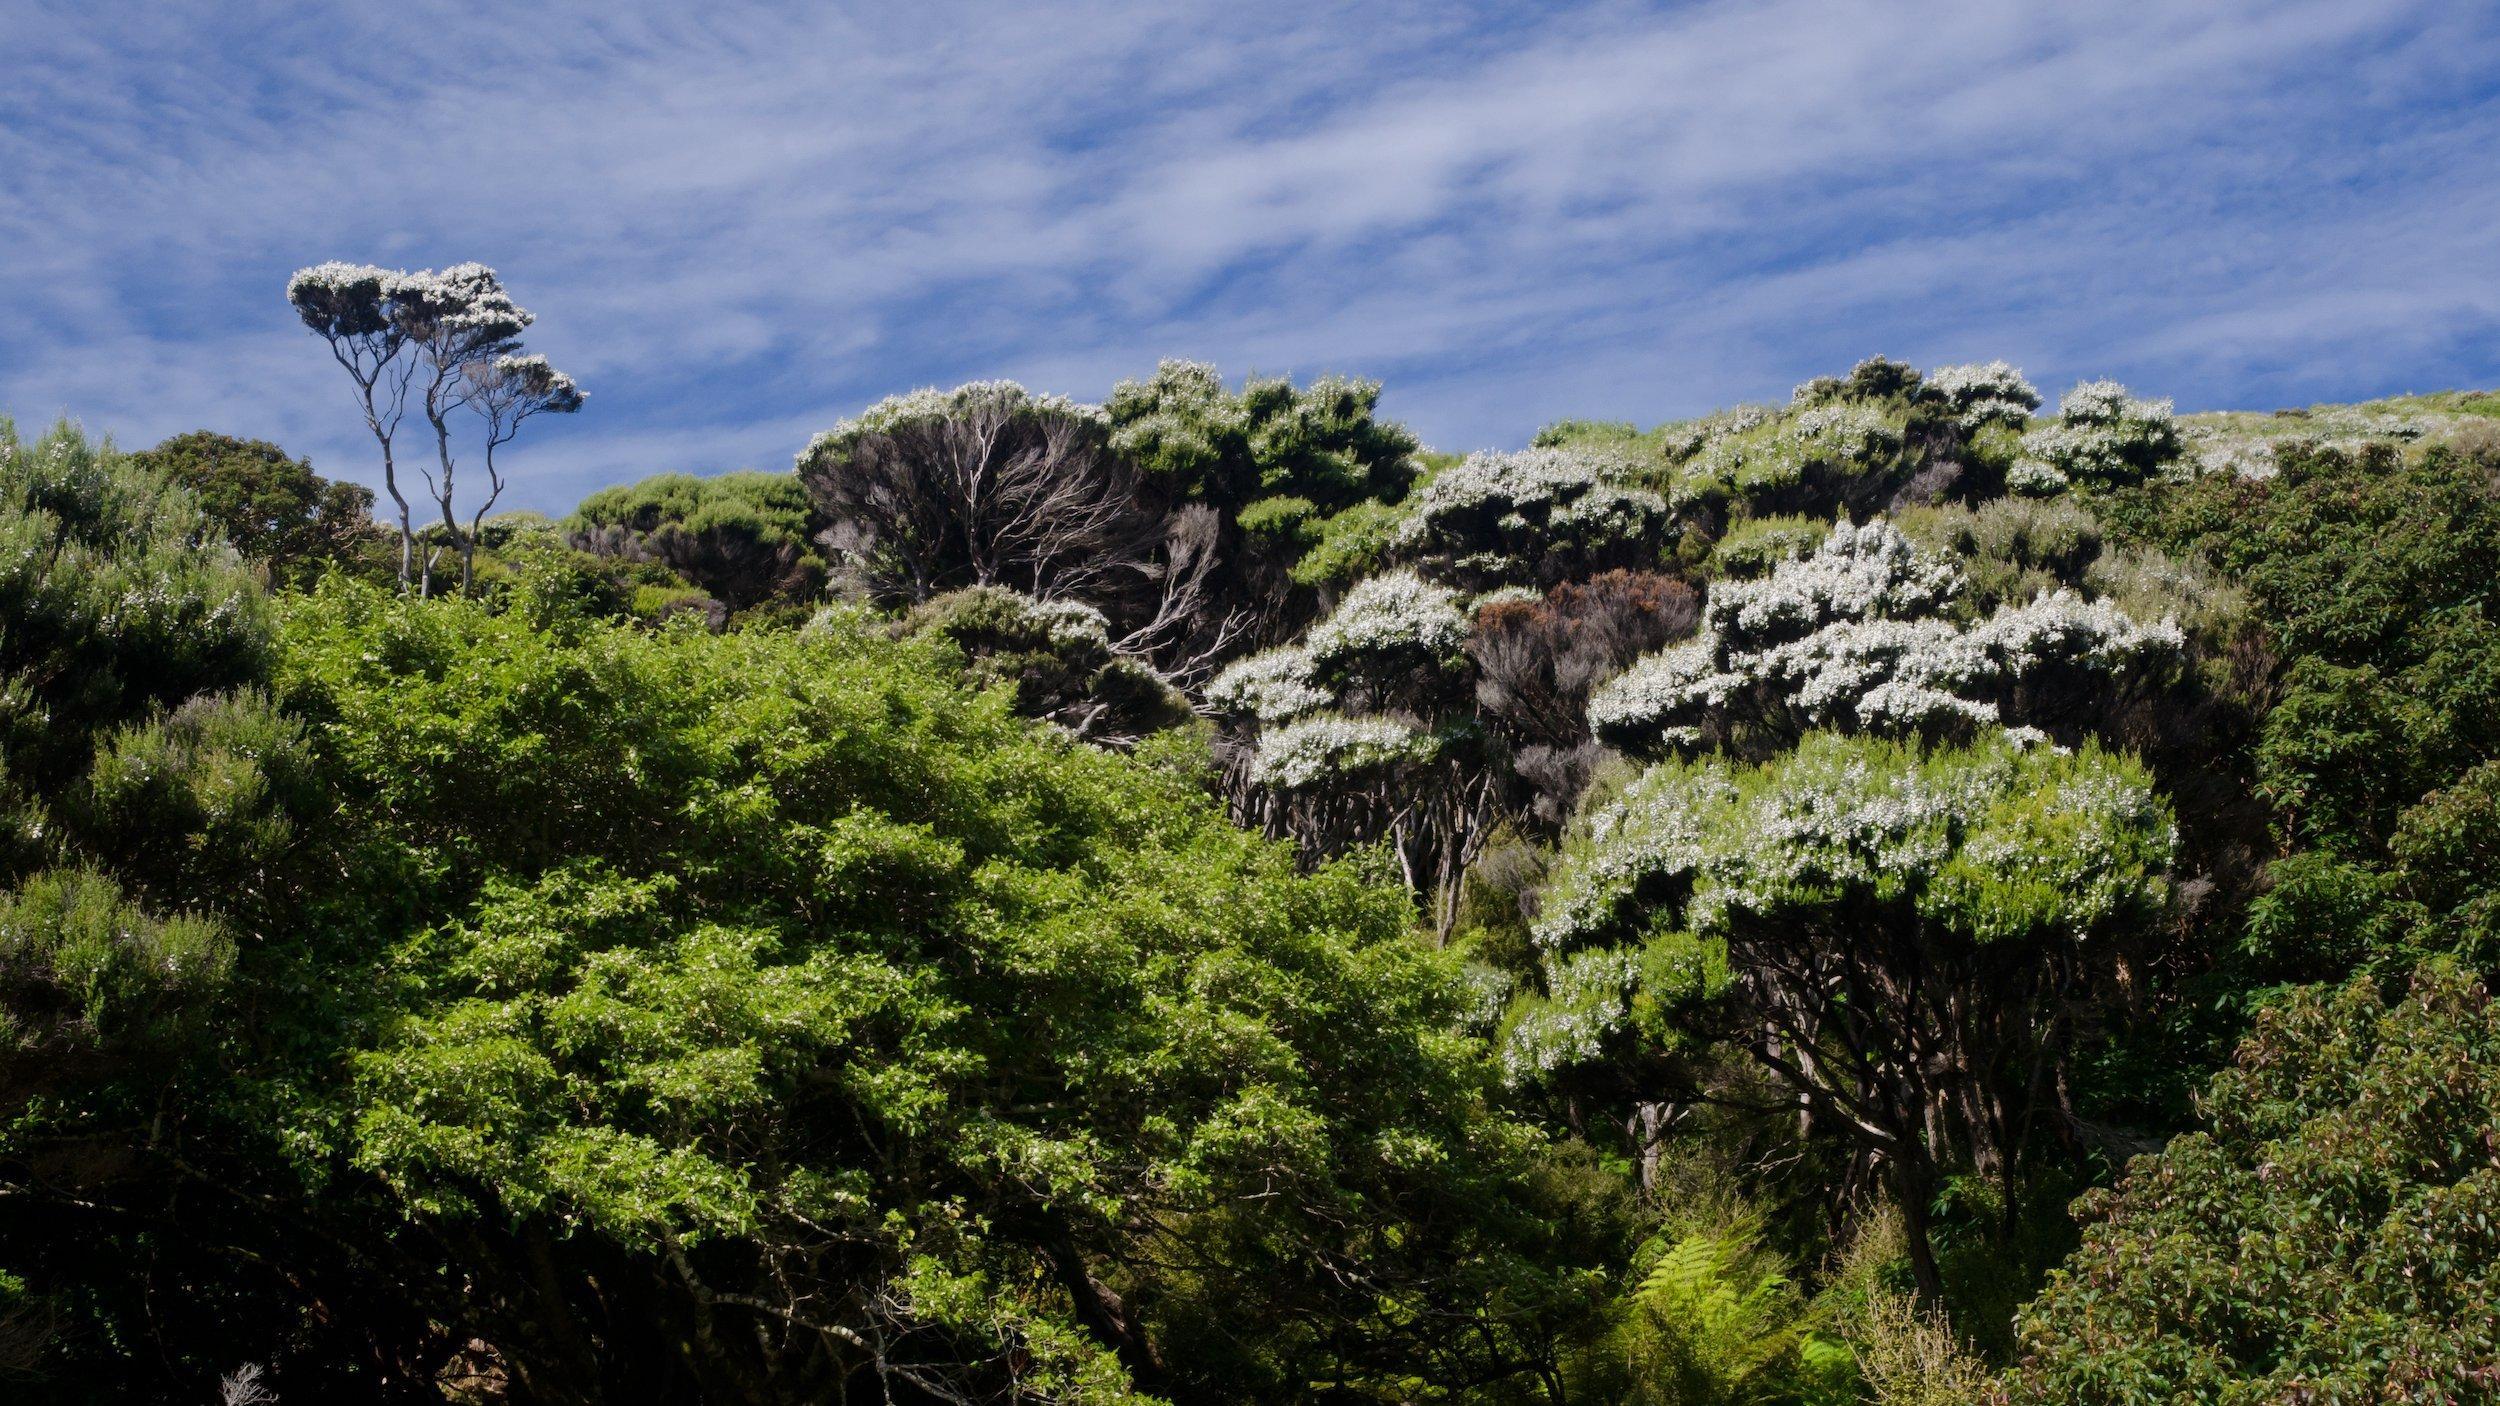 Anblick des temperierten Regenwalds von Neuseeland mit weiß blühenden Bäumen.